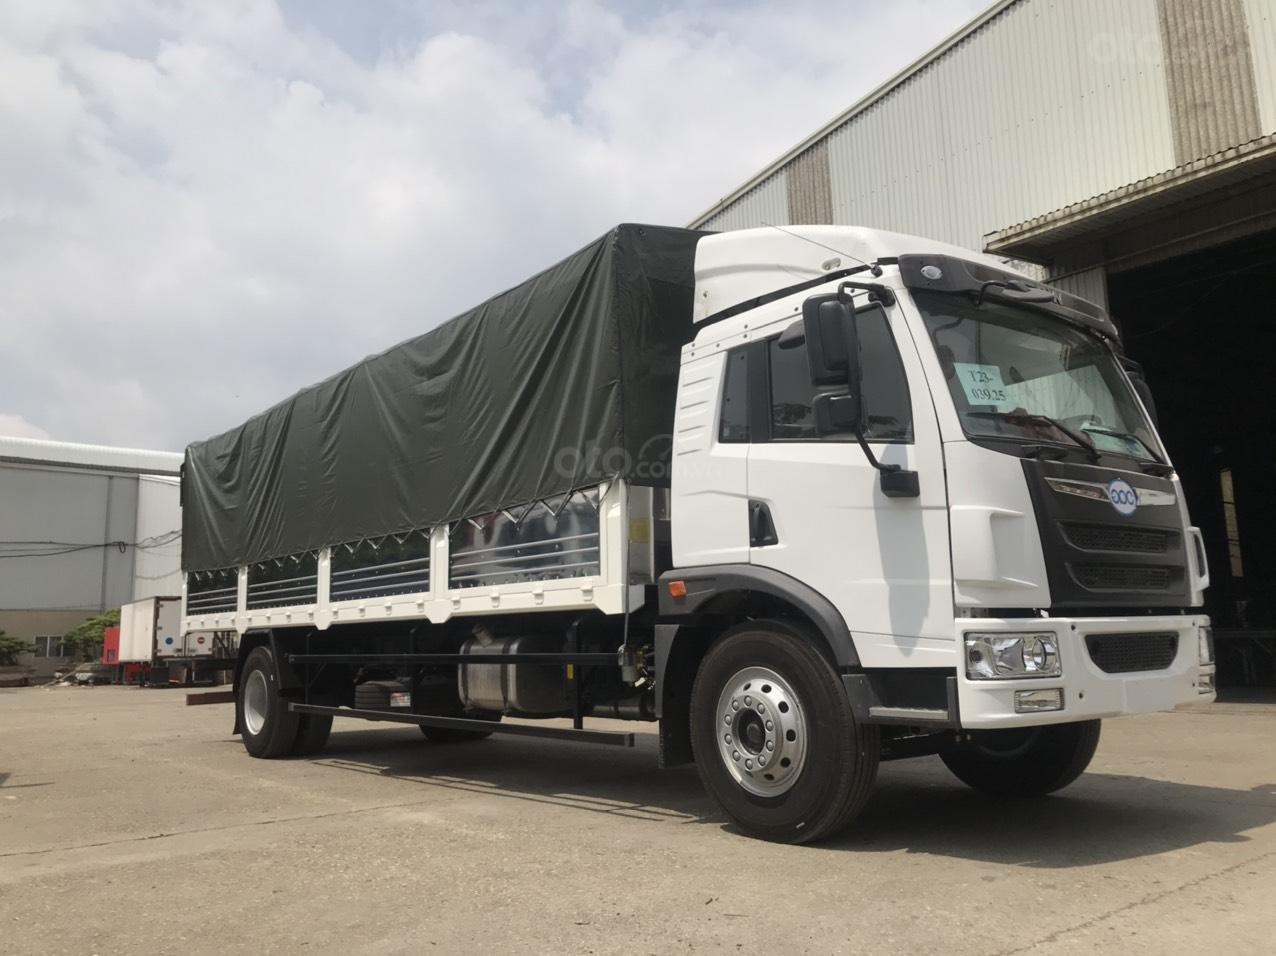 Bán xe tải Giải Phóng 8 tấn thùng dài 8 mét - Xe tải Faw 8 tấn trả trươc 170Tr nhận xe - KM 100% thuế TB - tặng dầu (3)